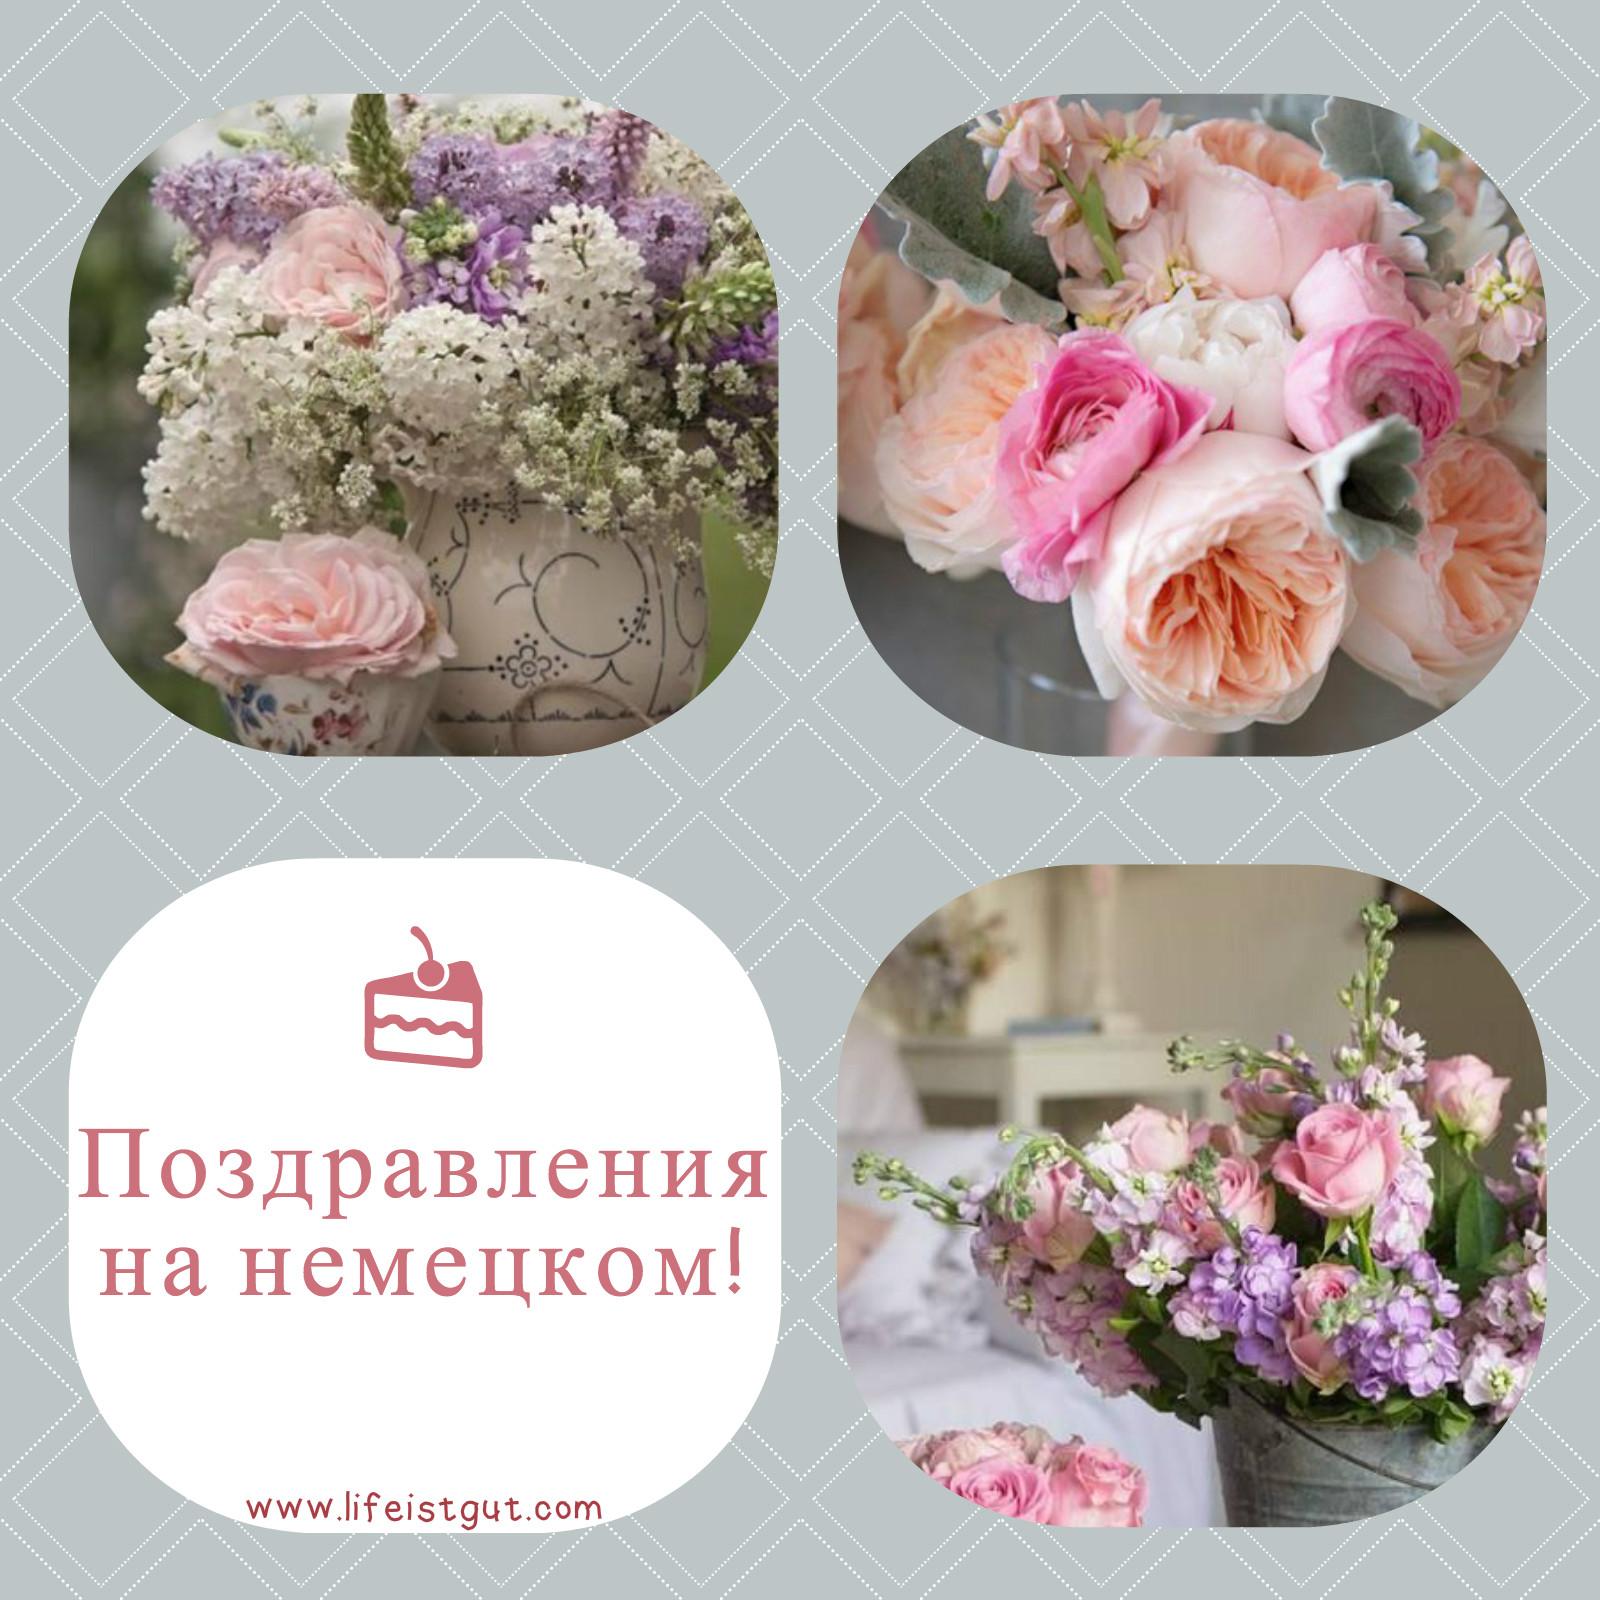 Веселые картинки поздравления на день рождения